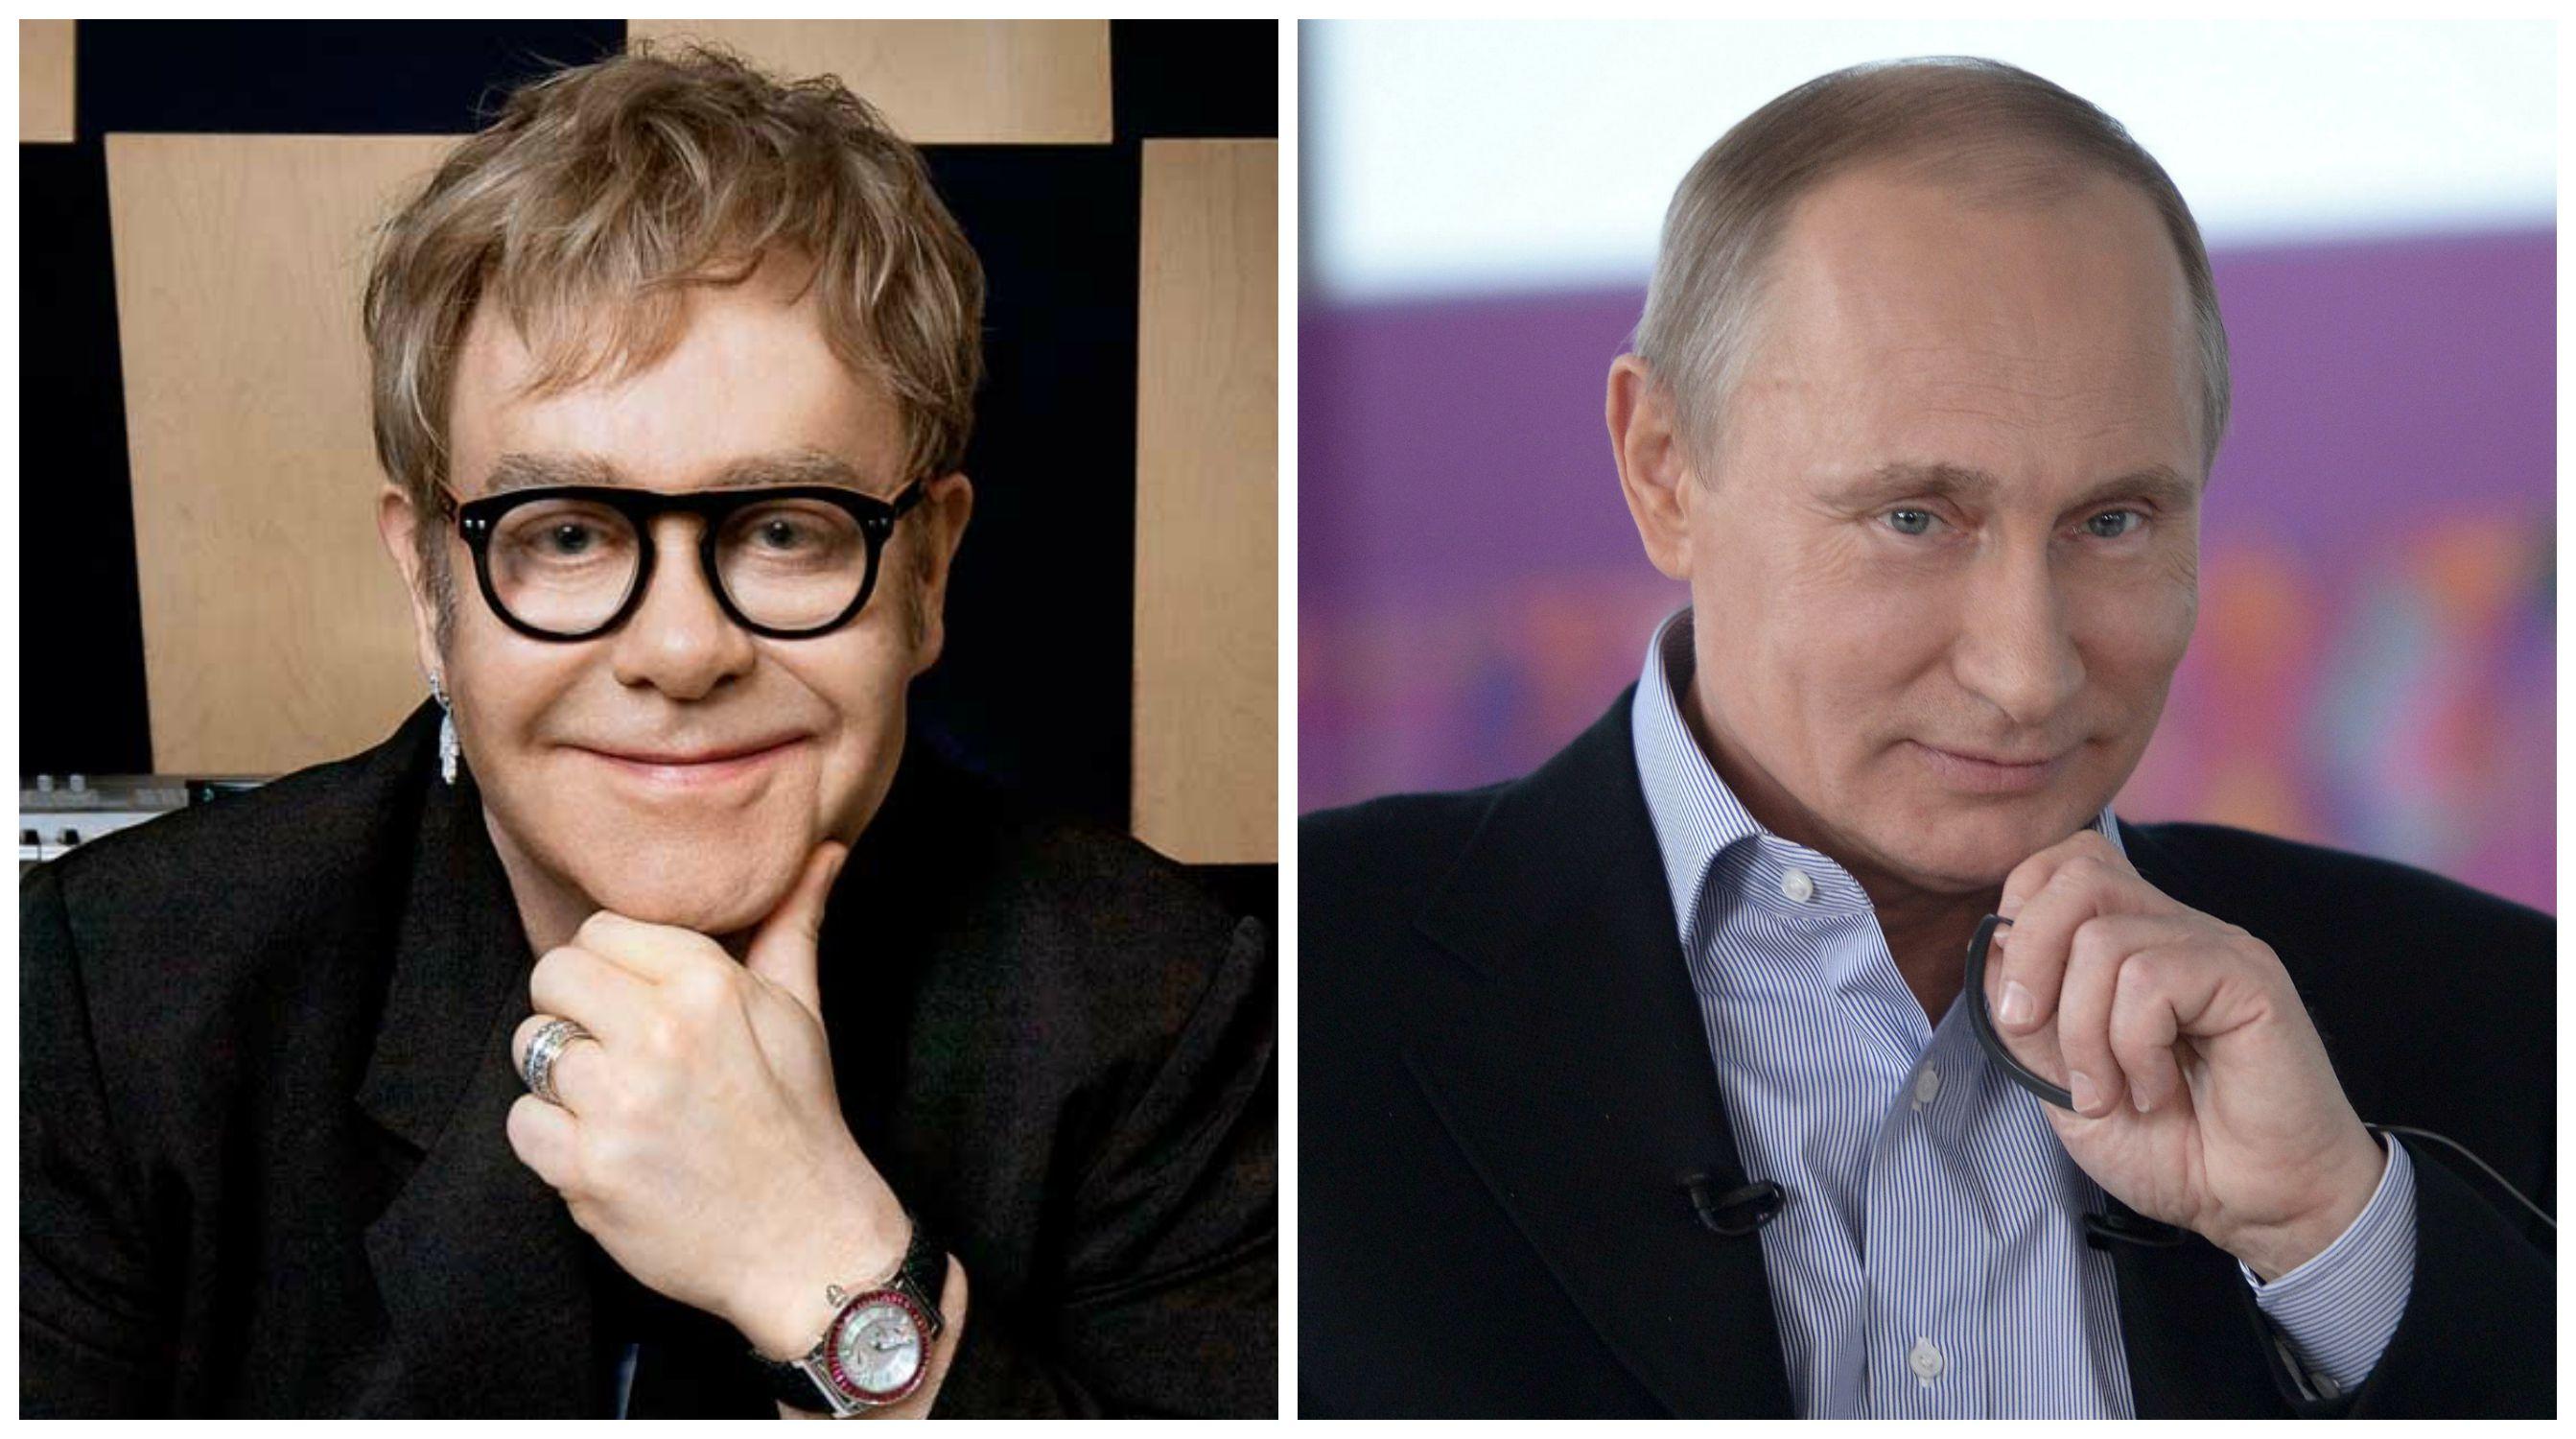 Певец Элтон Джон готов к встрече с президентом России Владимиром Путиным